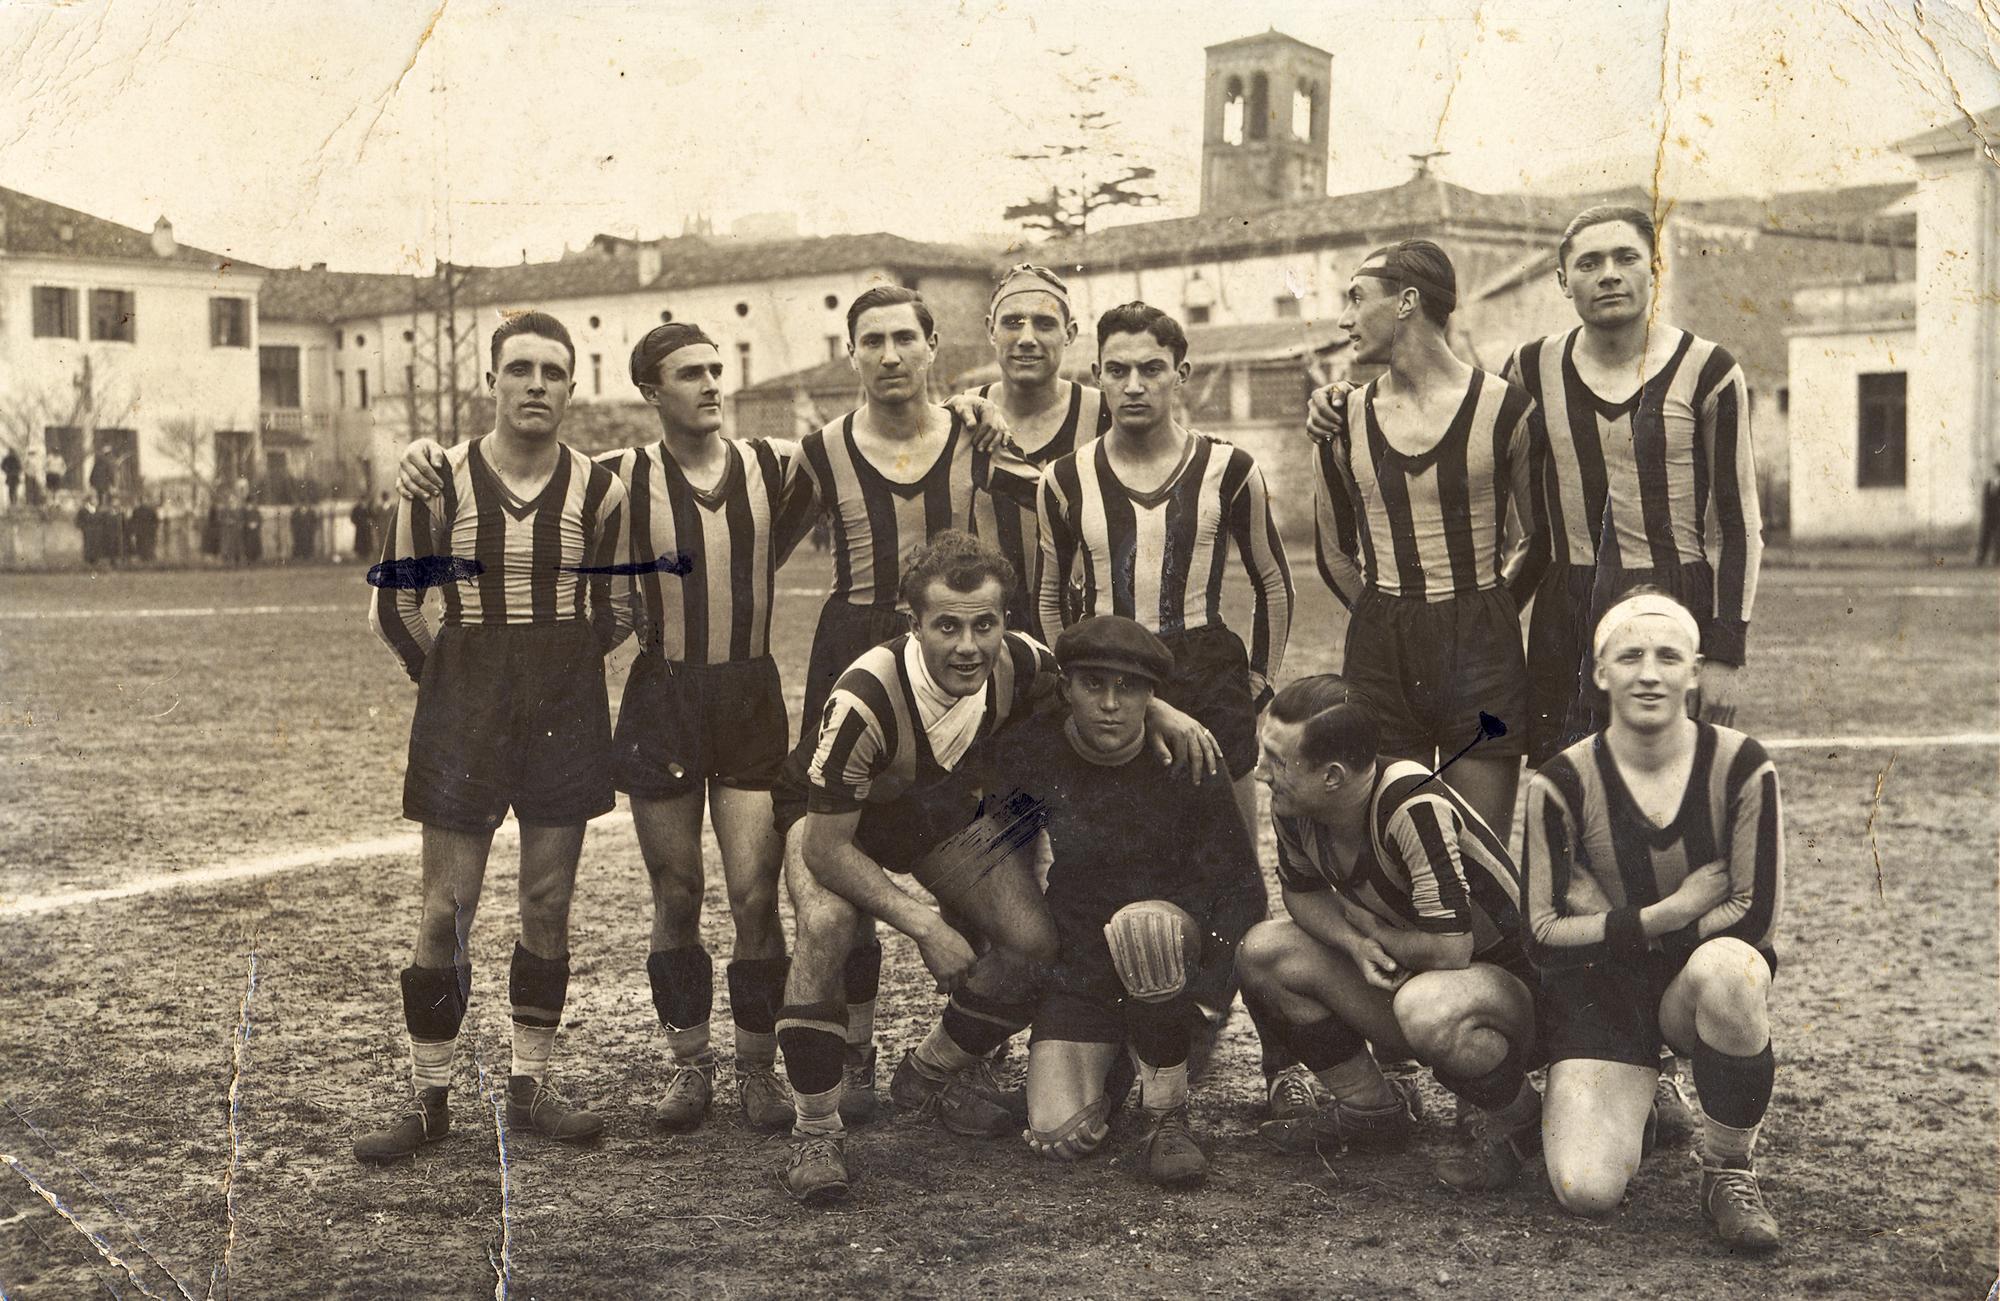 Campionato 1938/39, la squadra del Pernumia in trasferta ad Este.